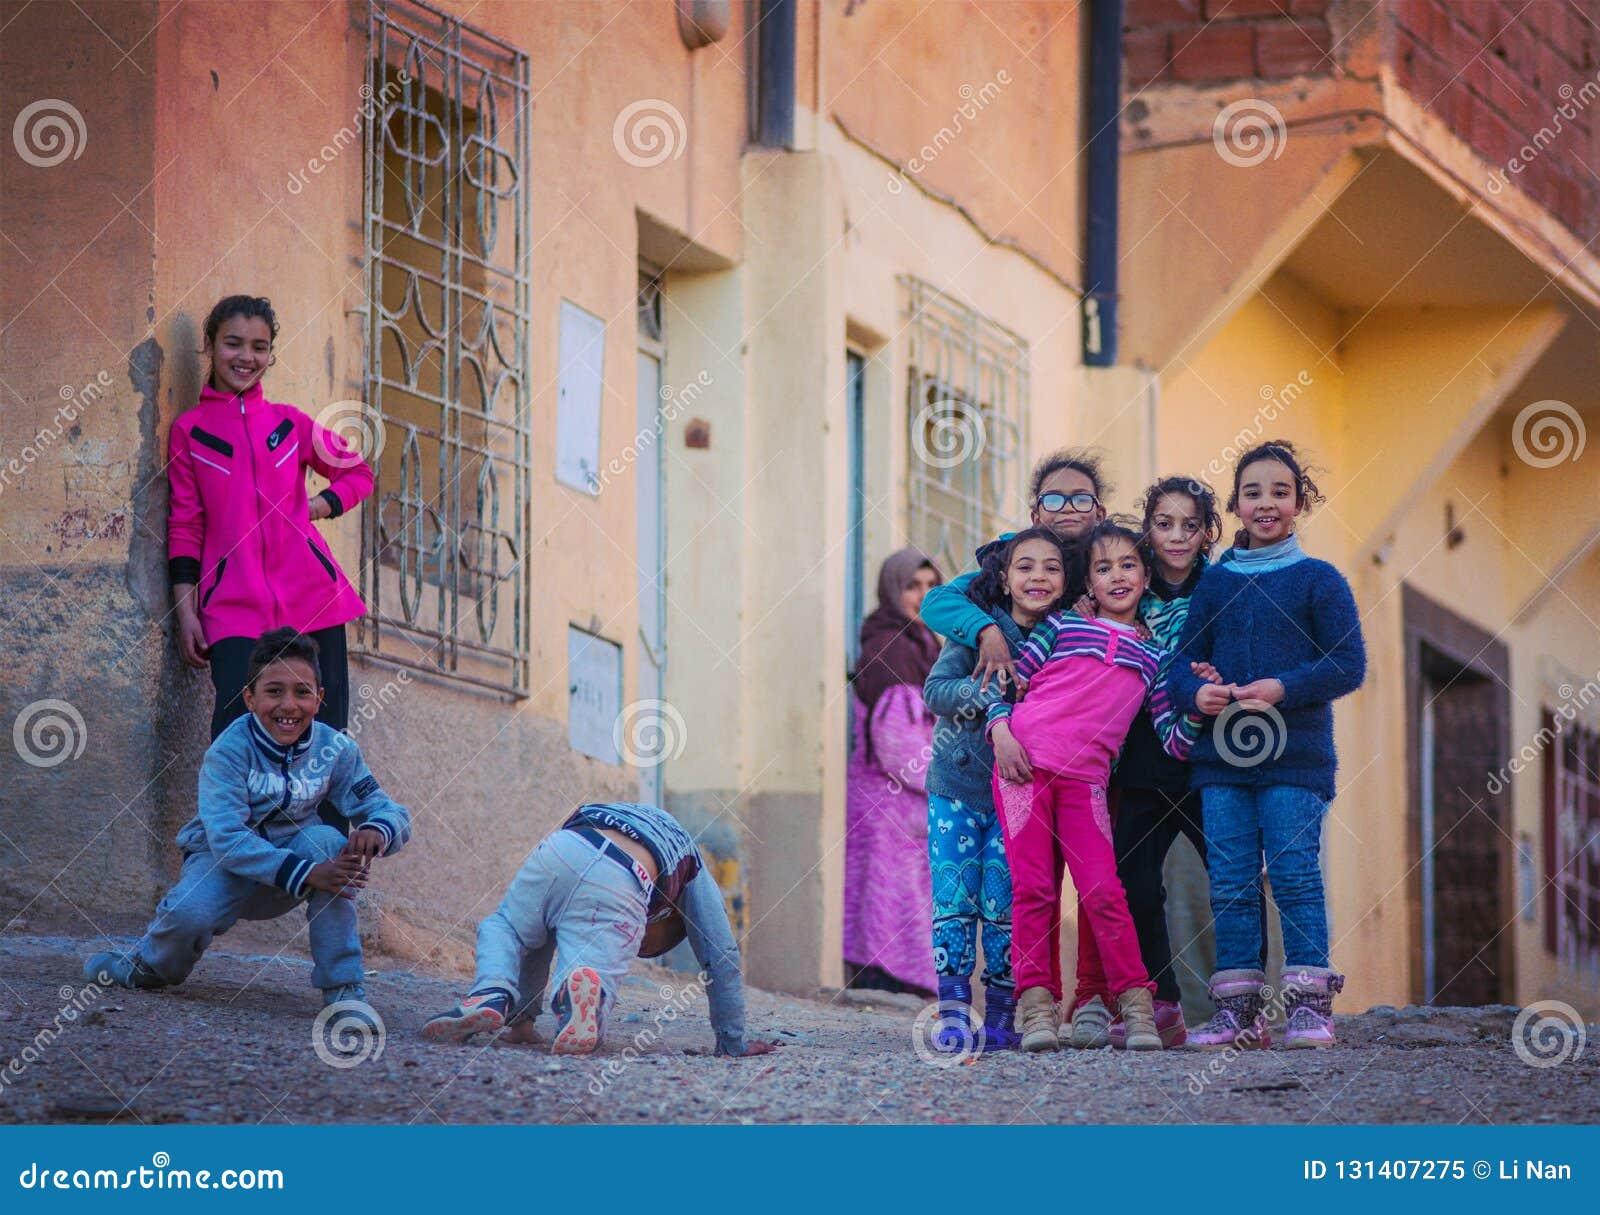 Szczęśliwi biedni życzliwi dzieci dziewczyna i chłopiec w Maroko wiosce z starym domem